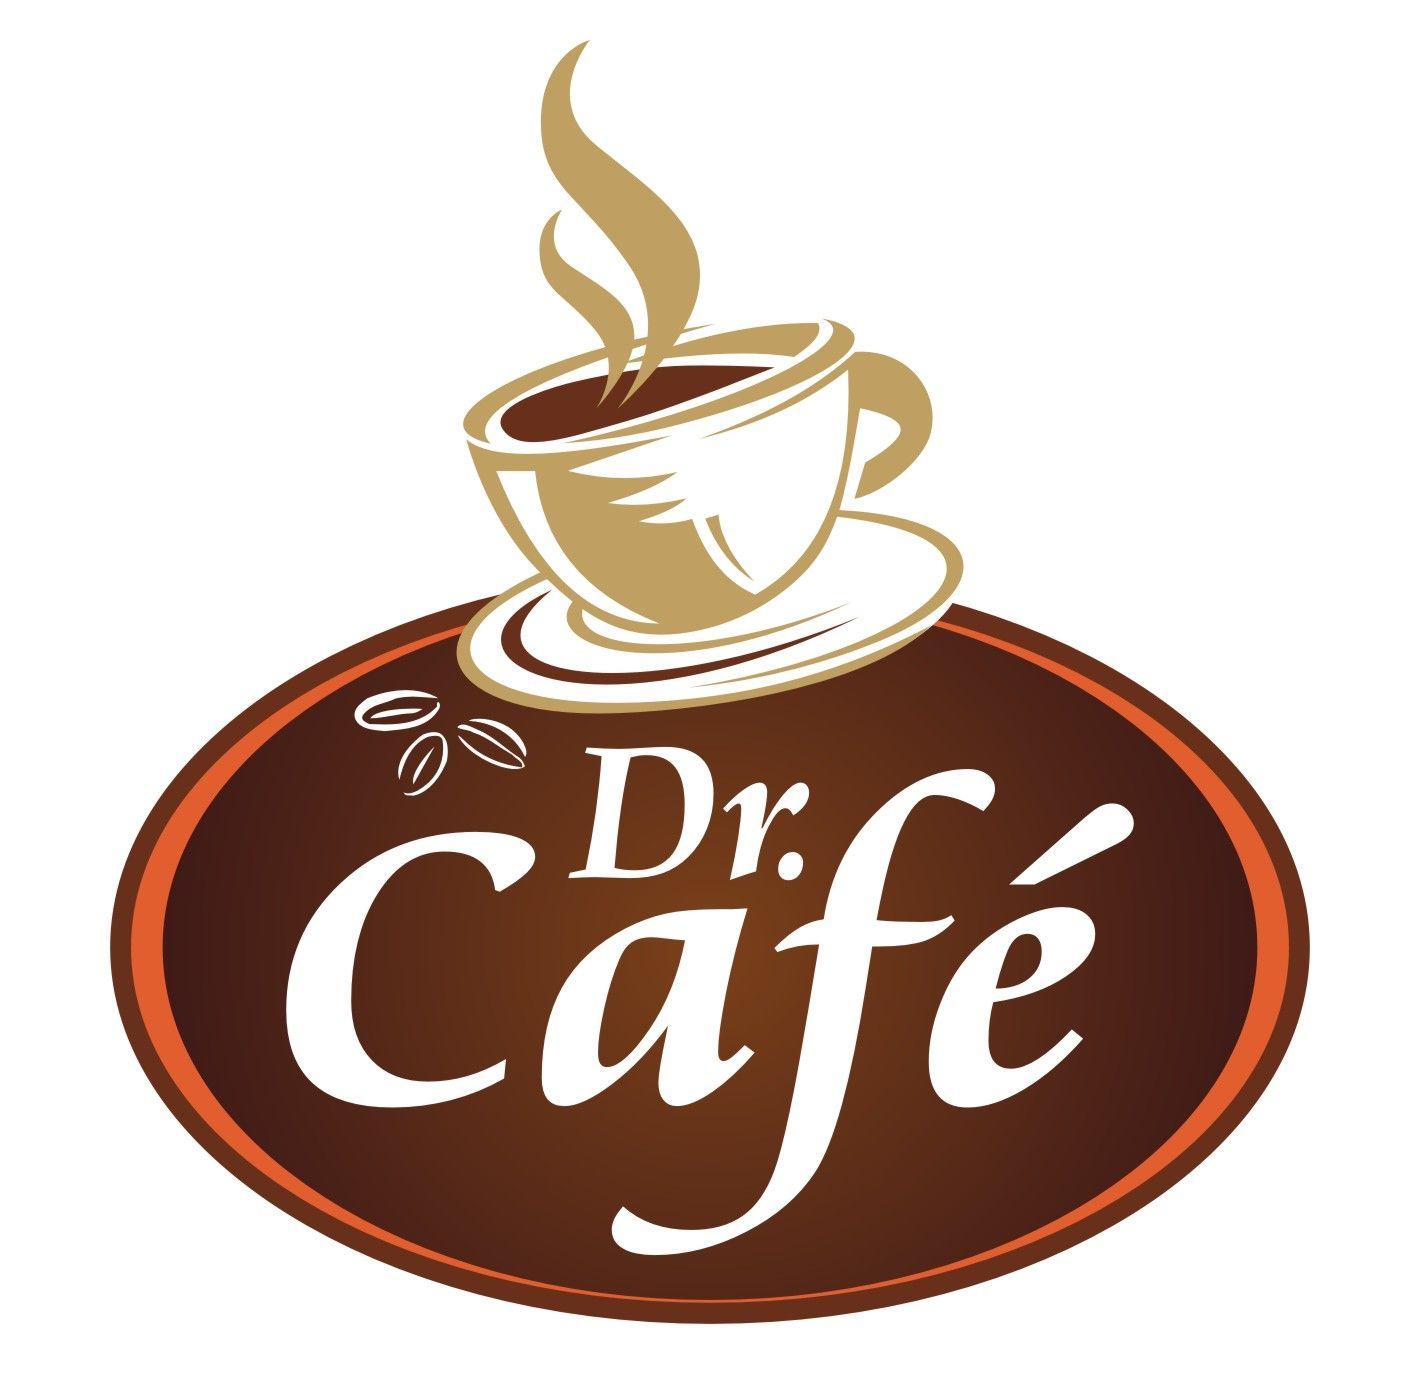 logodrcafe